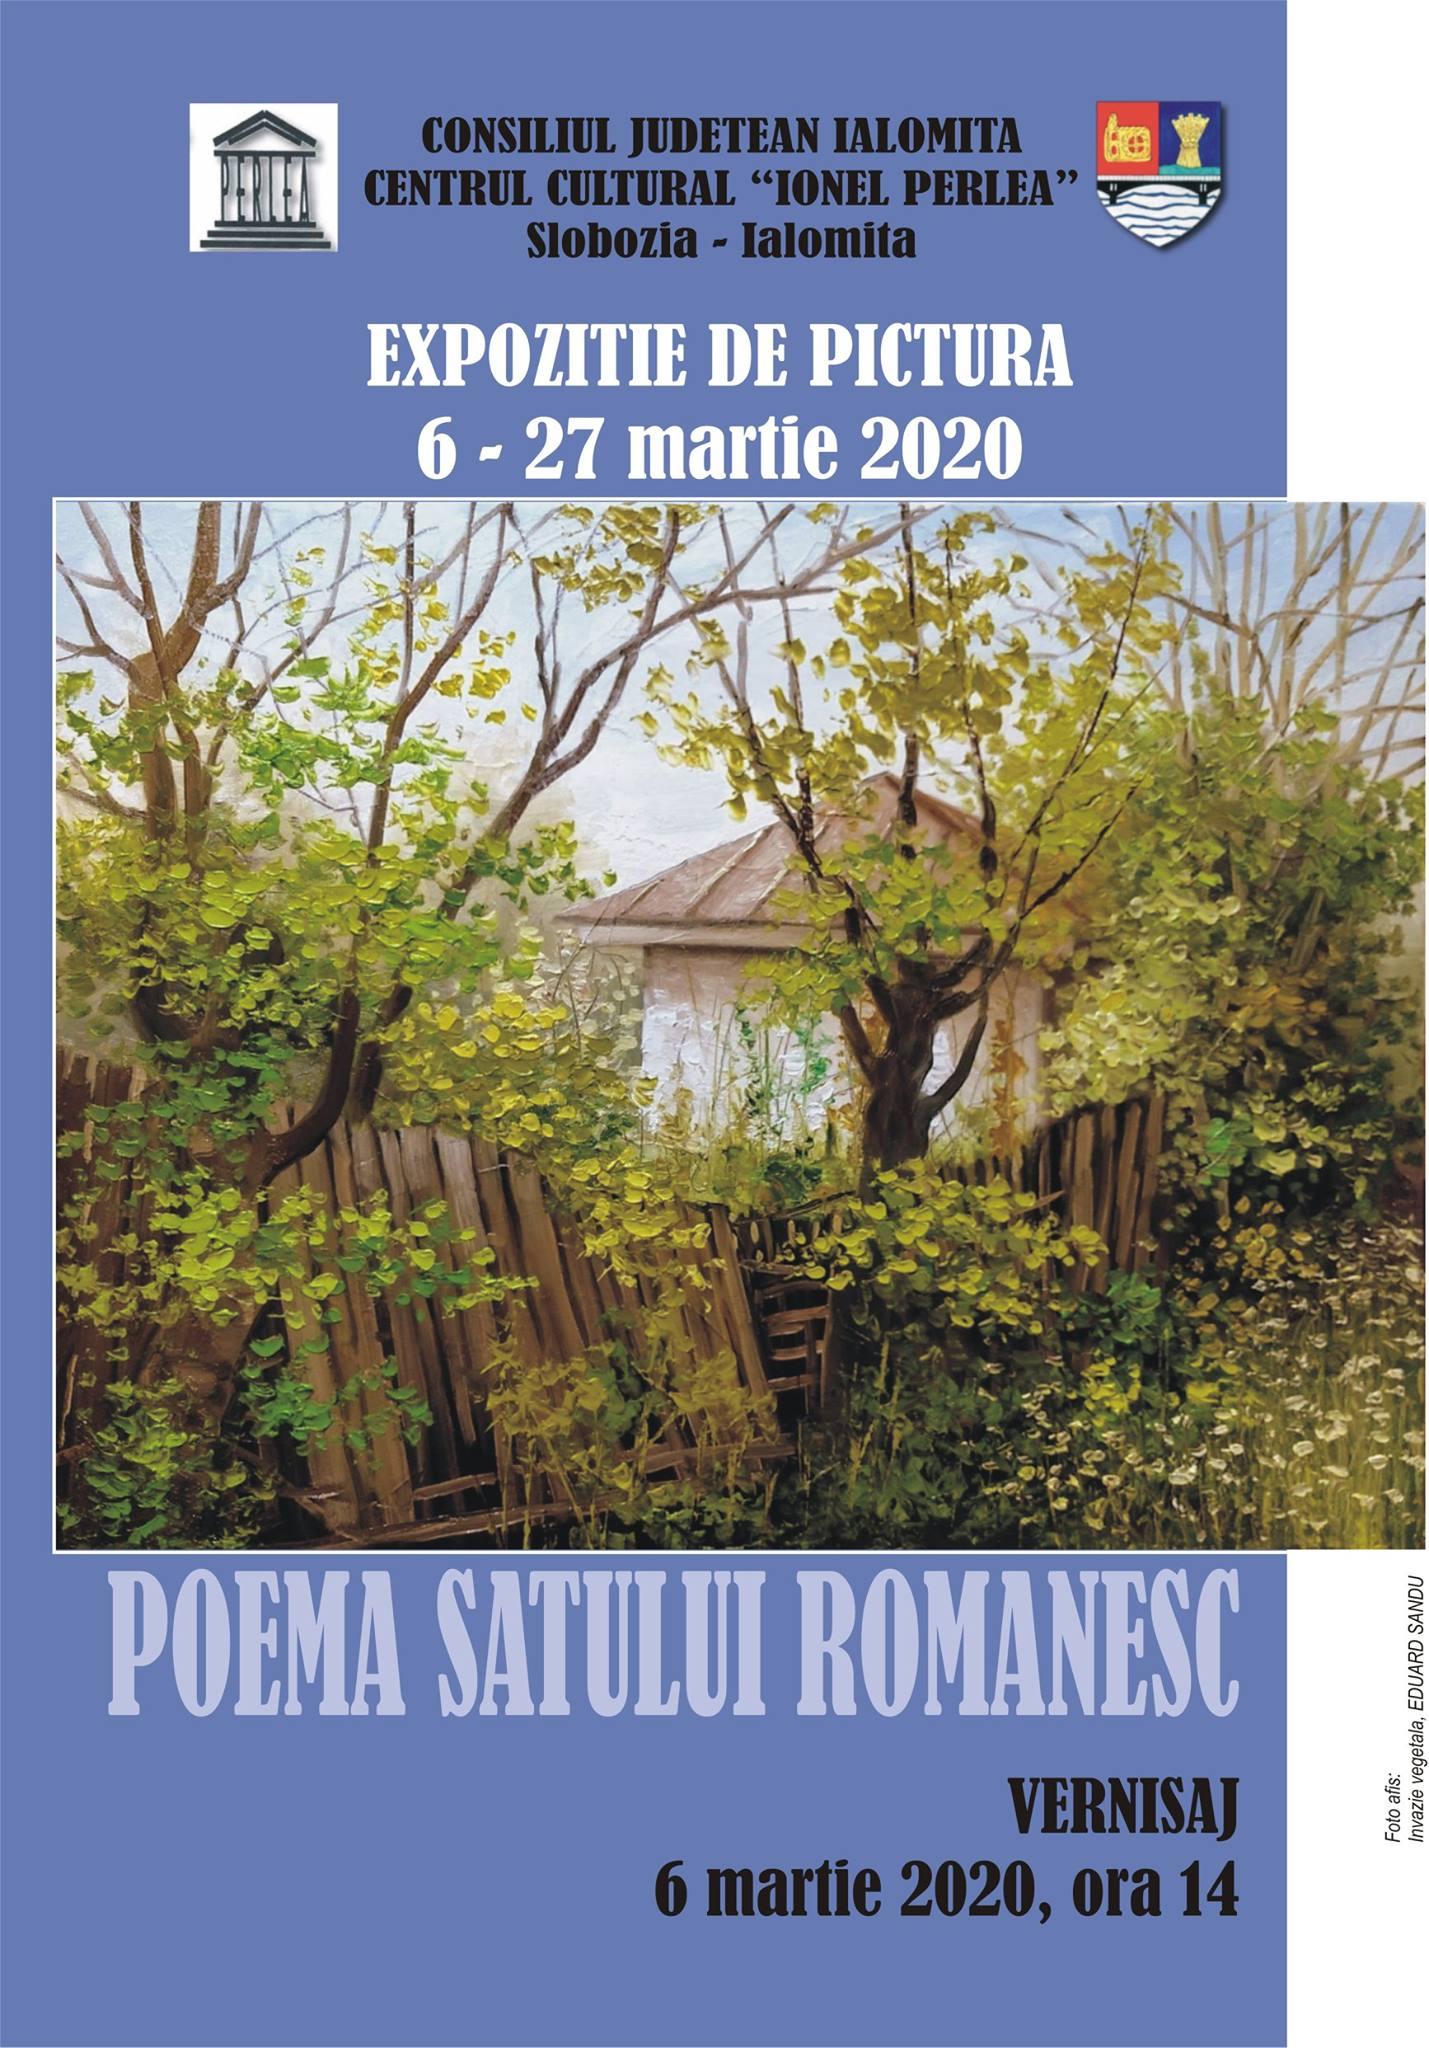 """Expoziţie de pictură – Poema satului românesc, 6 martie 2020, ora 14:00, Centrul Cultural ,,Ionel Perlea"""""""